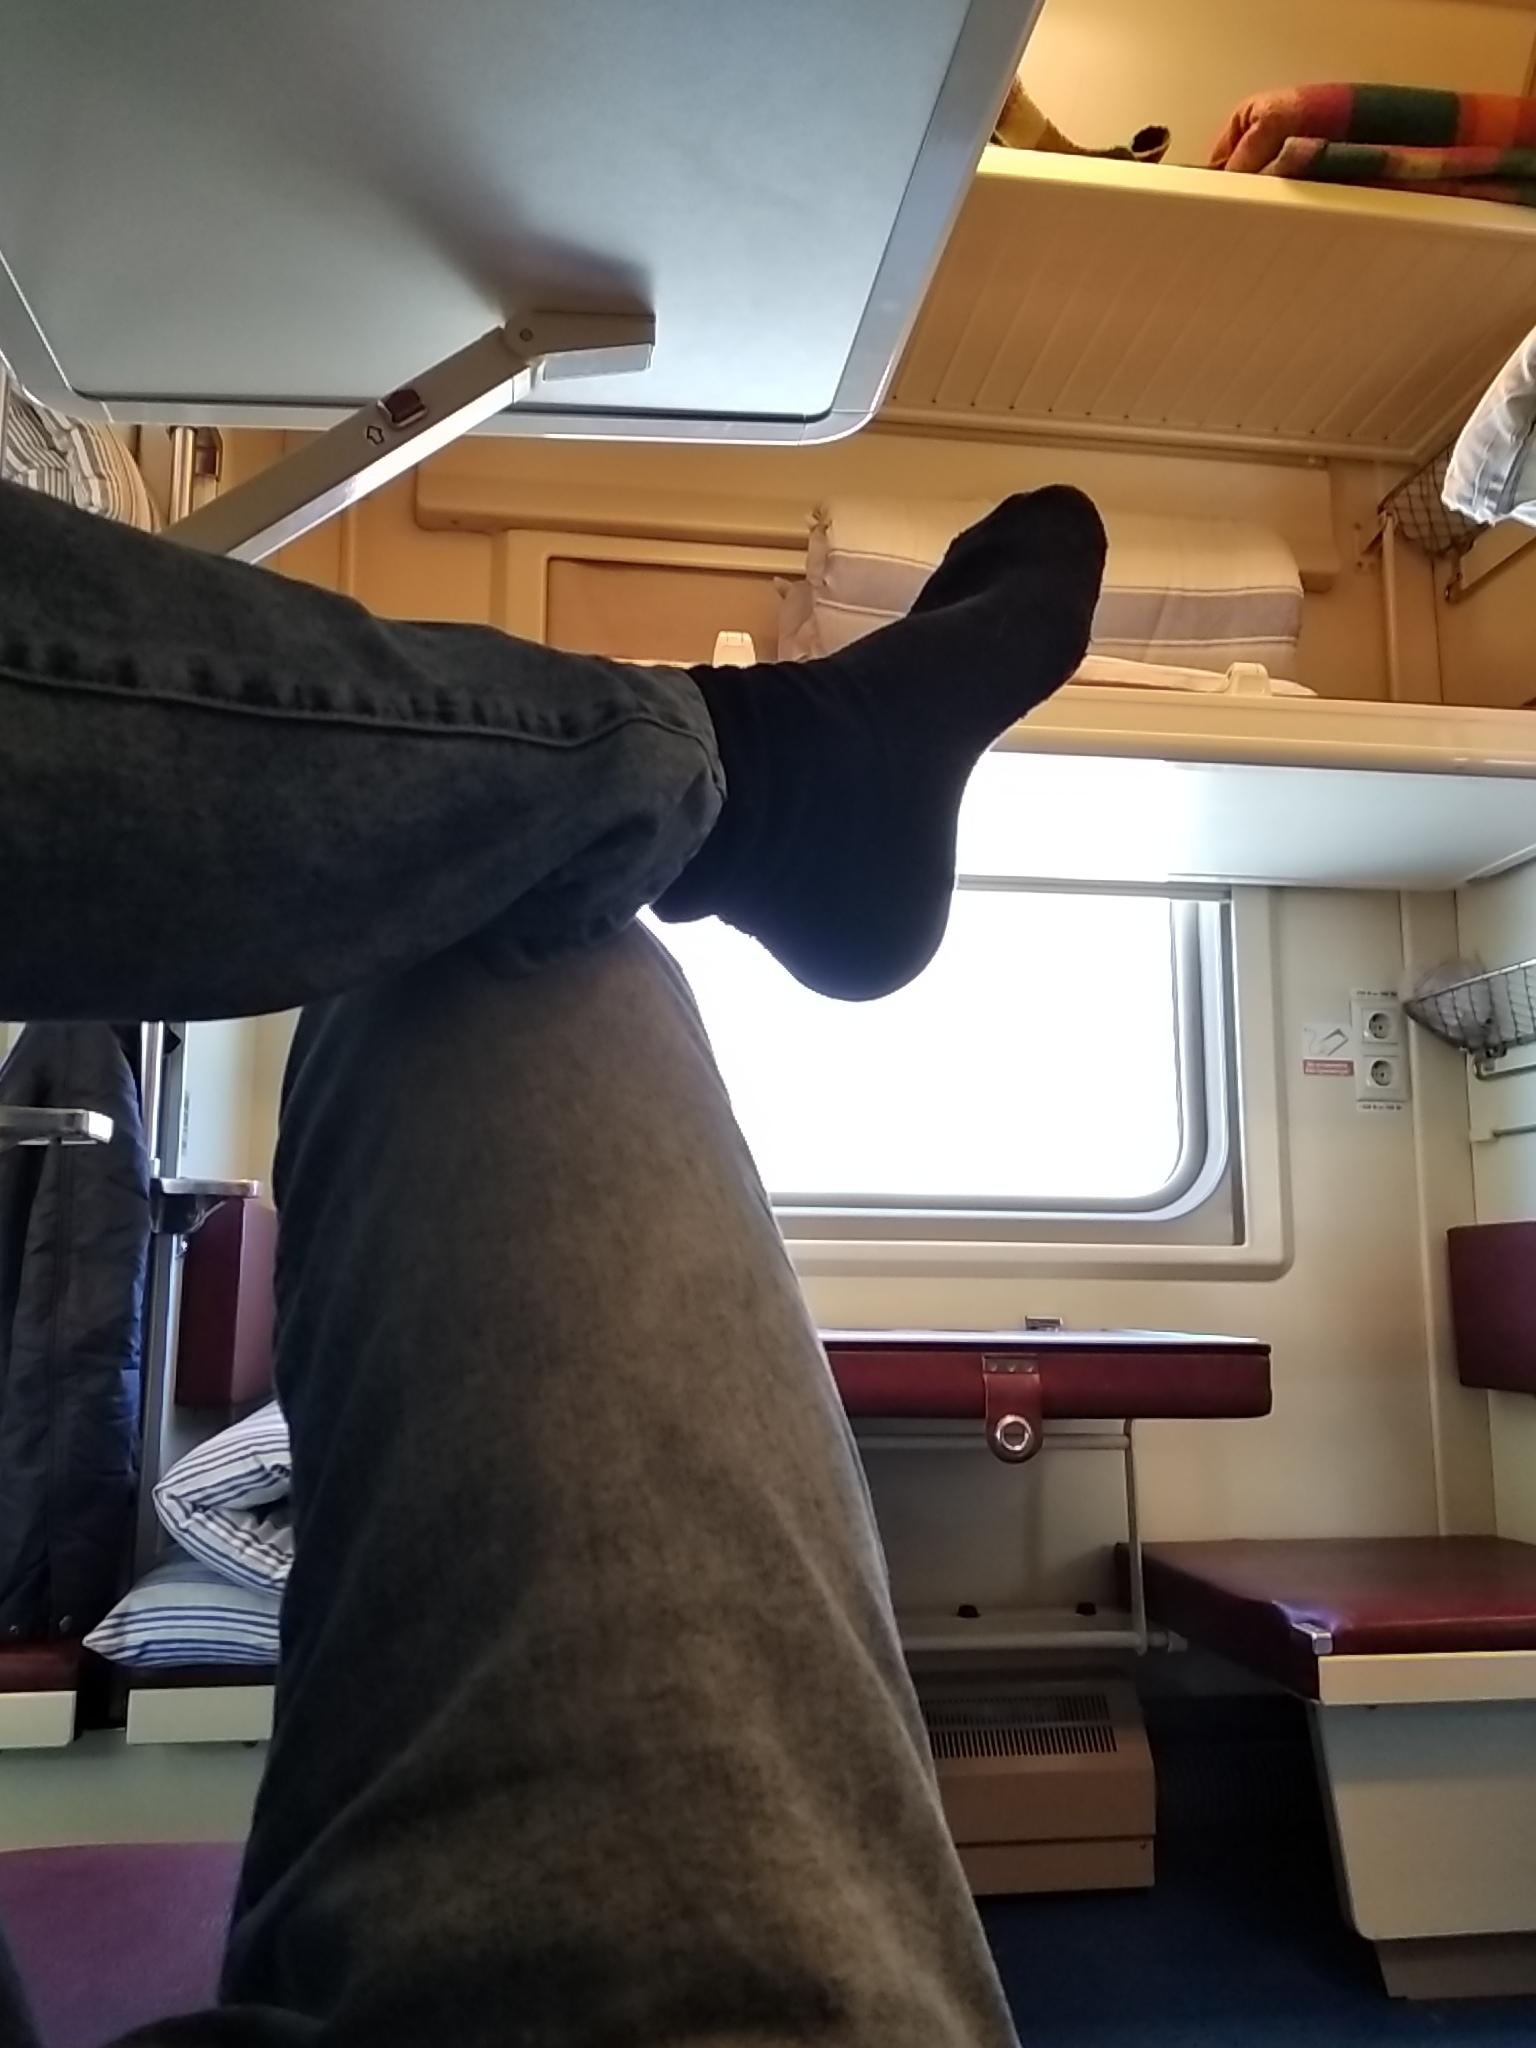 РЖД рассказали, что чаще всего забывают в поездах